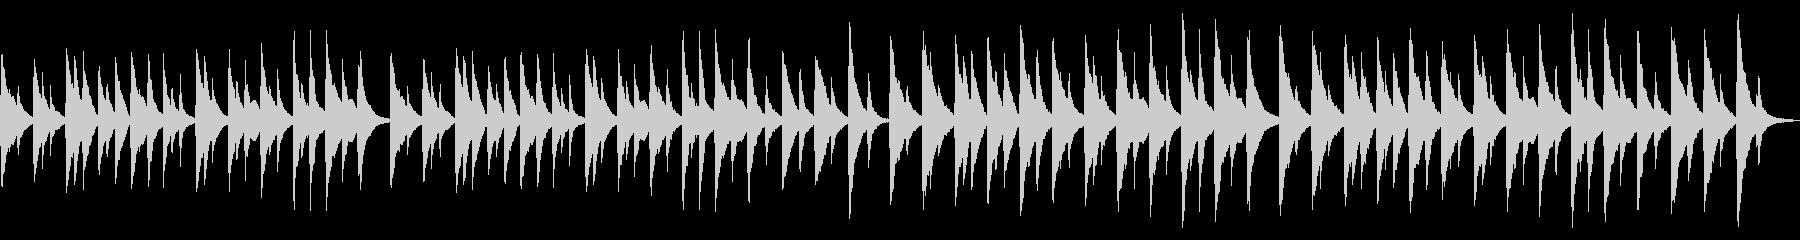 澄んだサウンドのホラー風オルゴールの未再生の波形